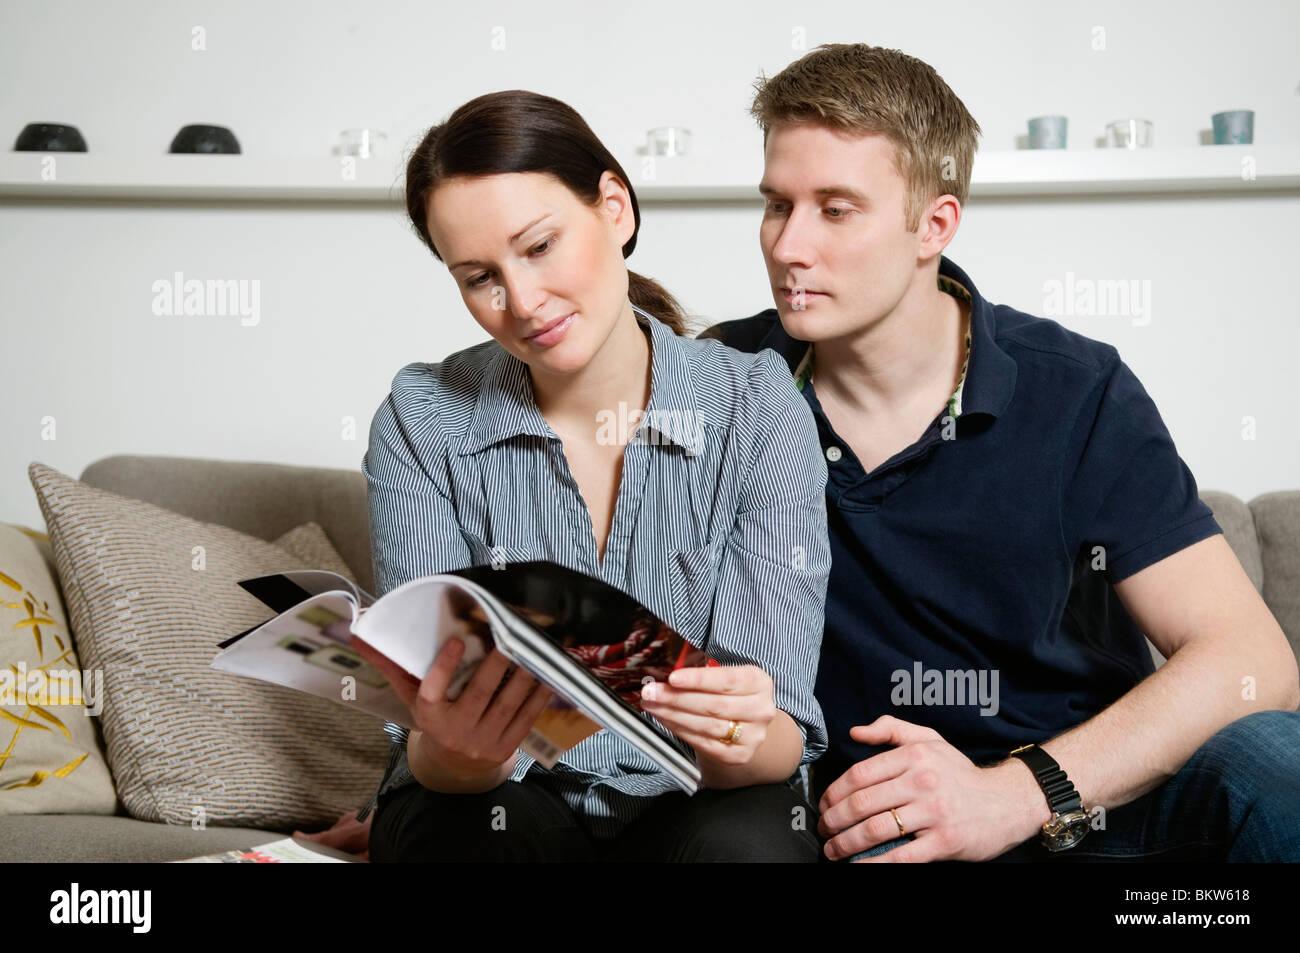 Couple reading magazine - Stock Image